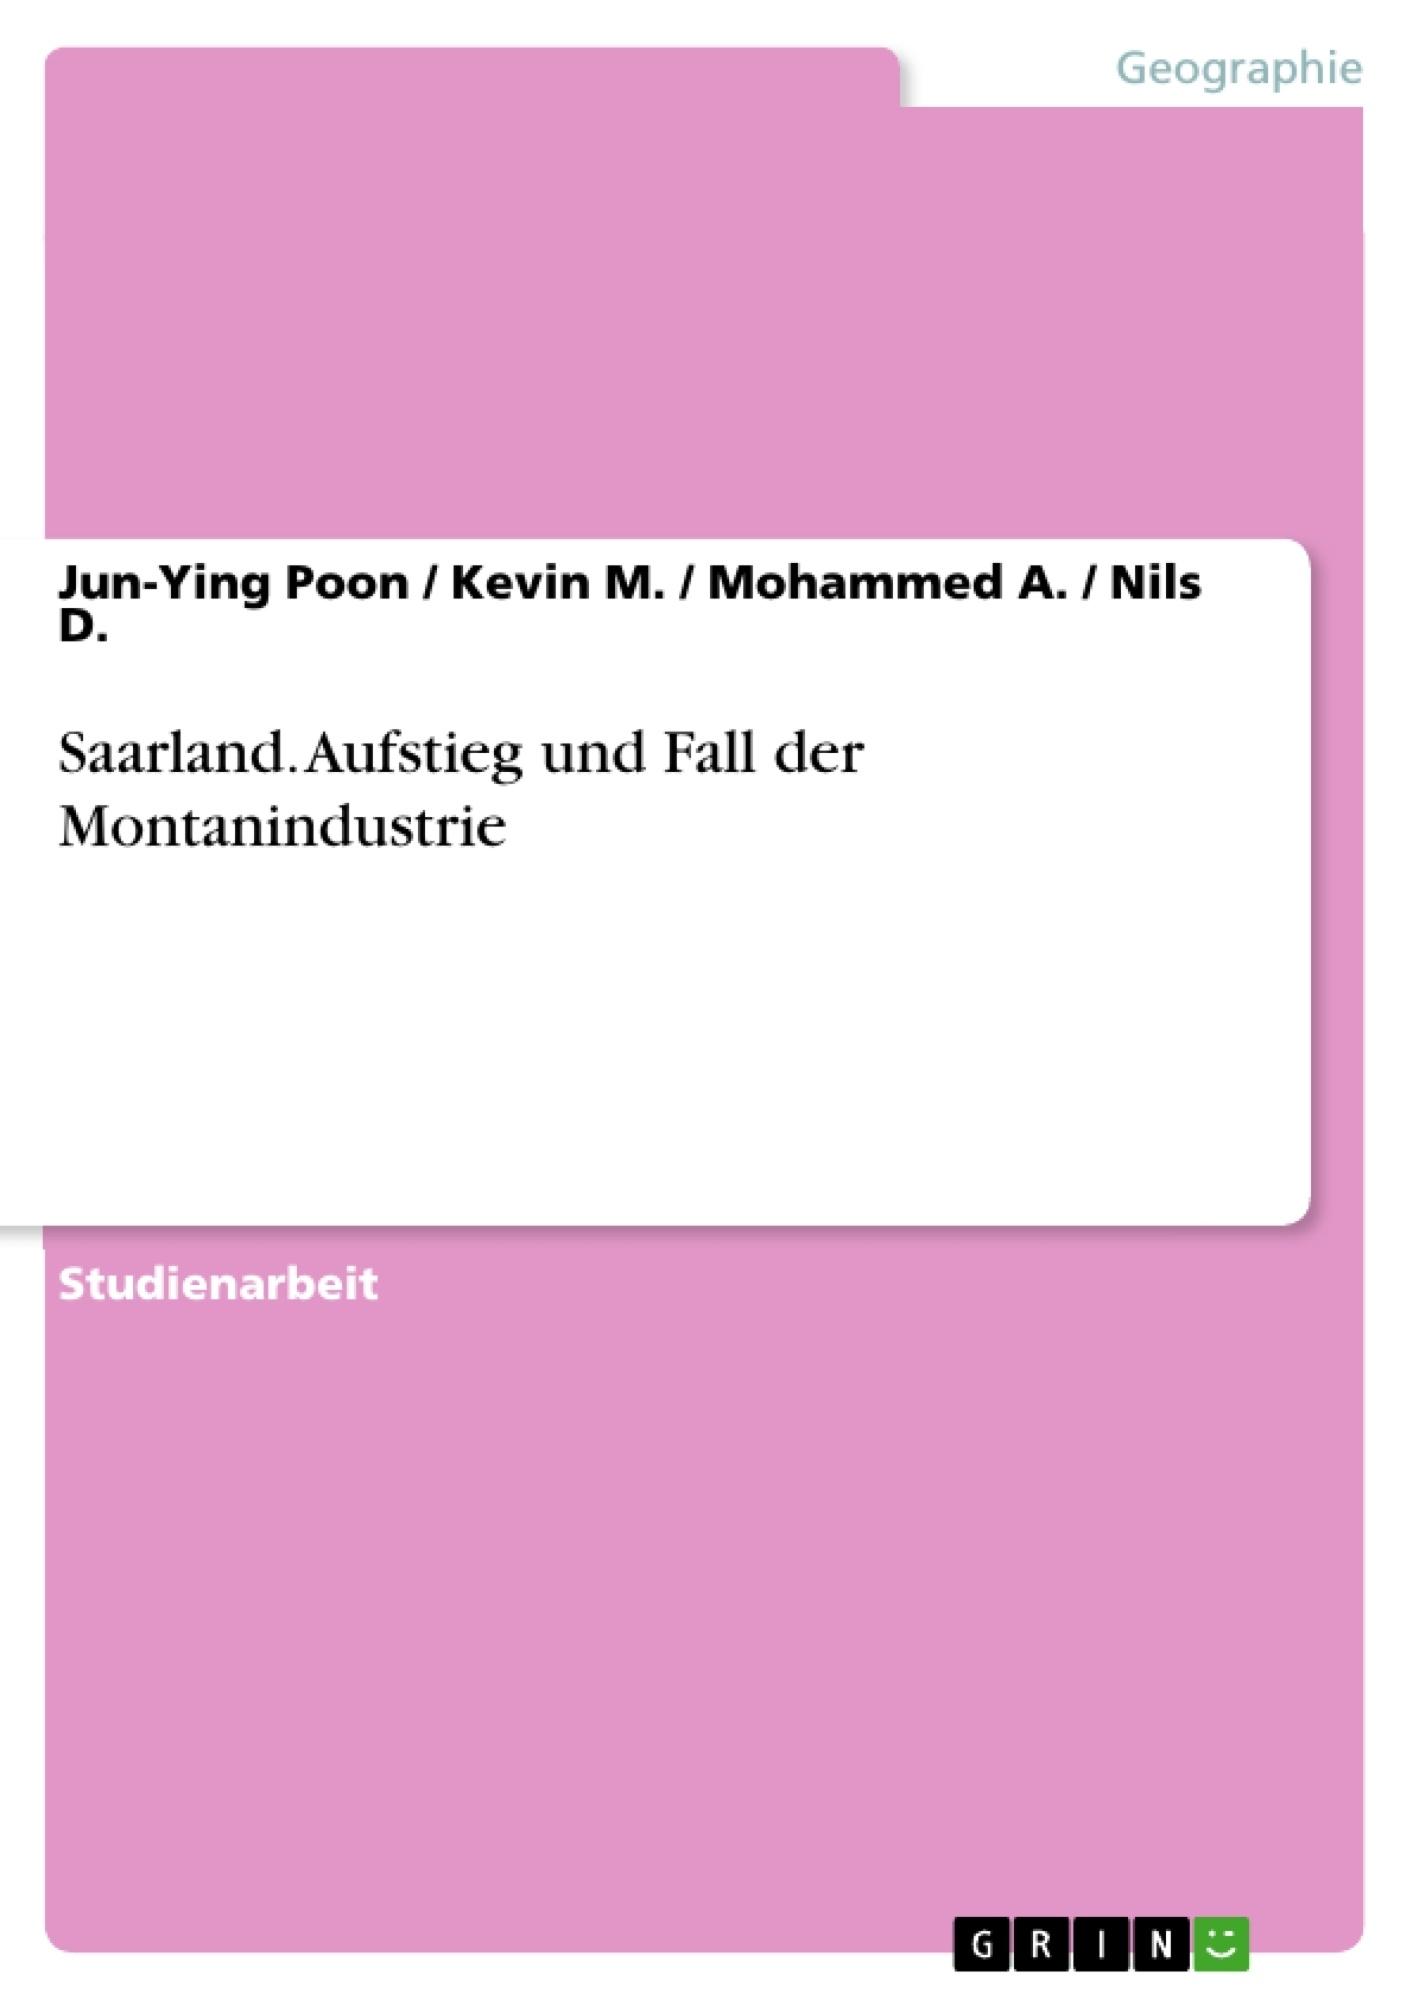 Titel: Saarland. Aufstieg und Fall der Montanindustrie